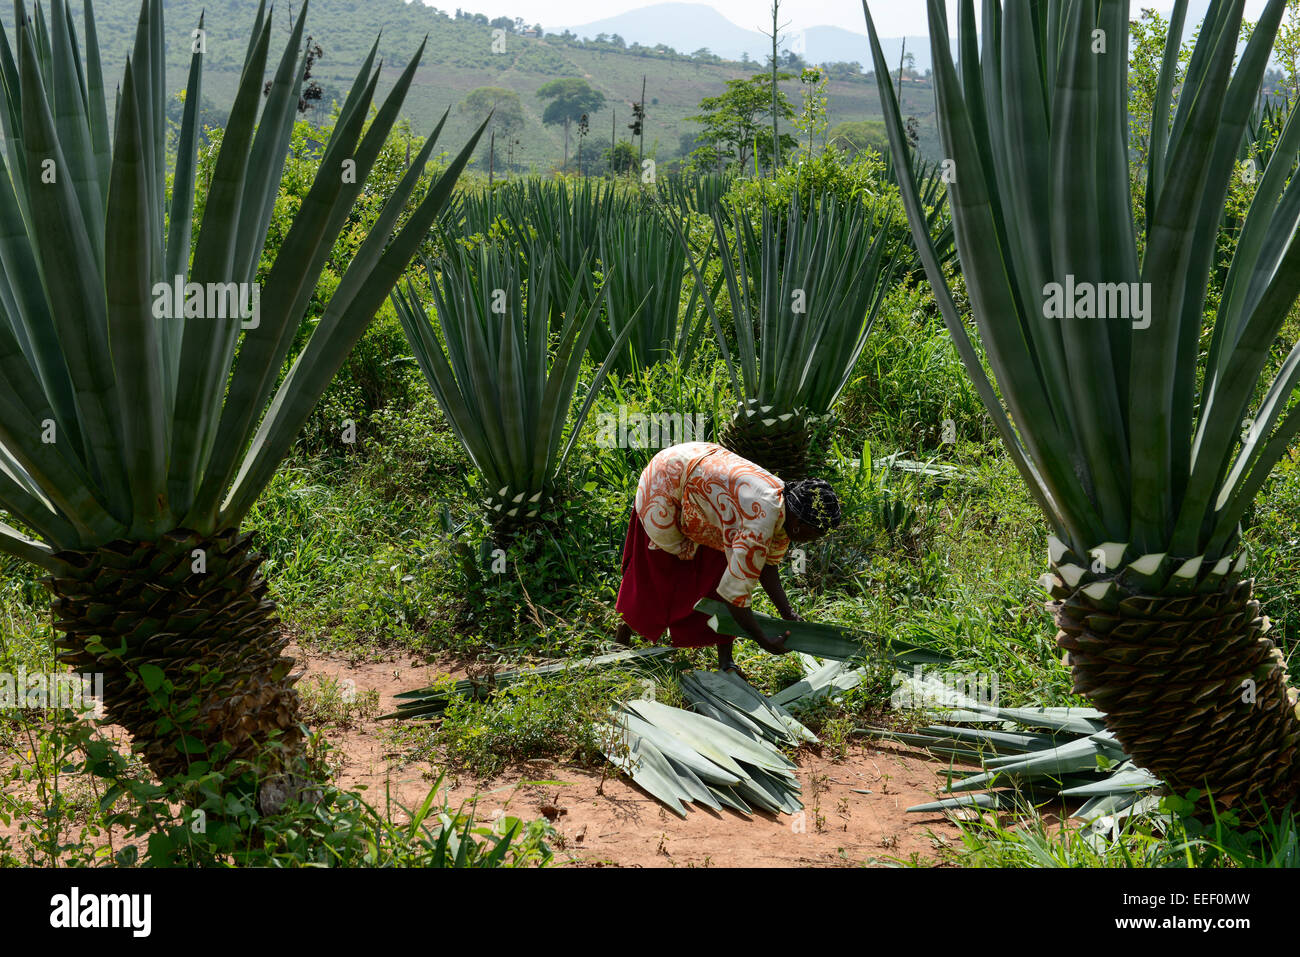 La TANZANIE, Tanga, Korogwe, plantation de sisal dans Kwalukonge, travailleur agricole à récolter les Photo Stock